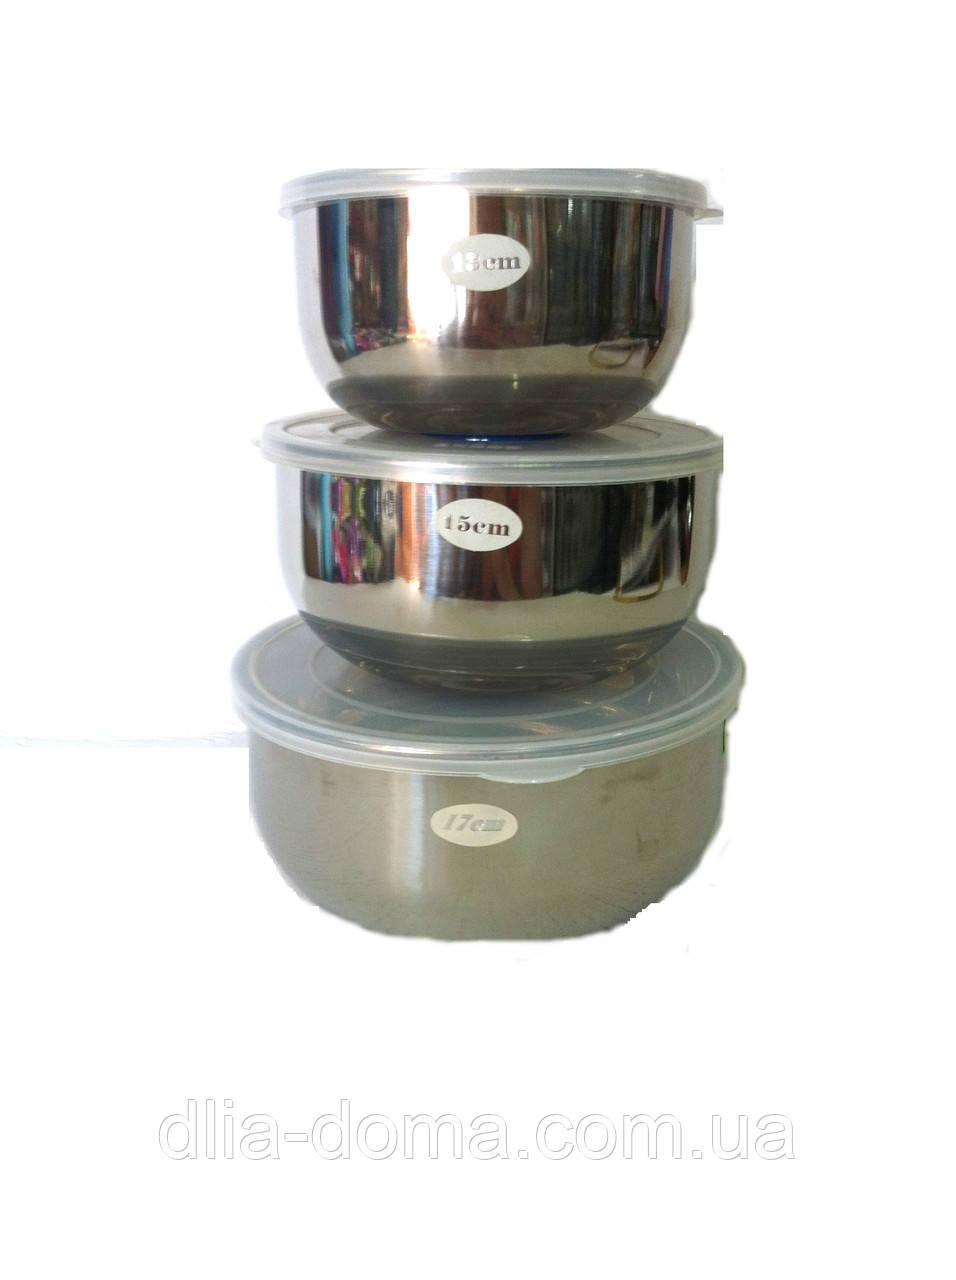 Набор судков 3шт, диаметр 17,15,13 см из нержавеющей стали